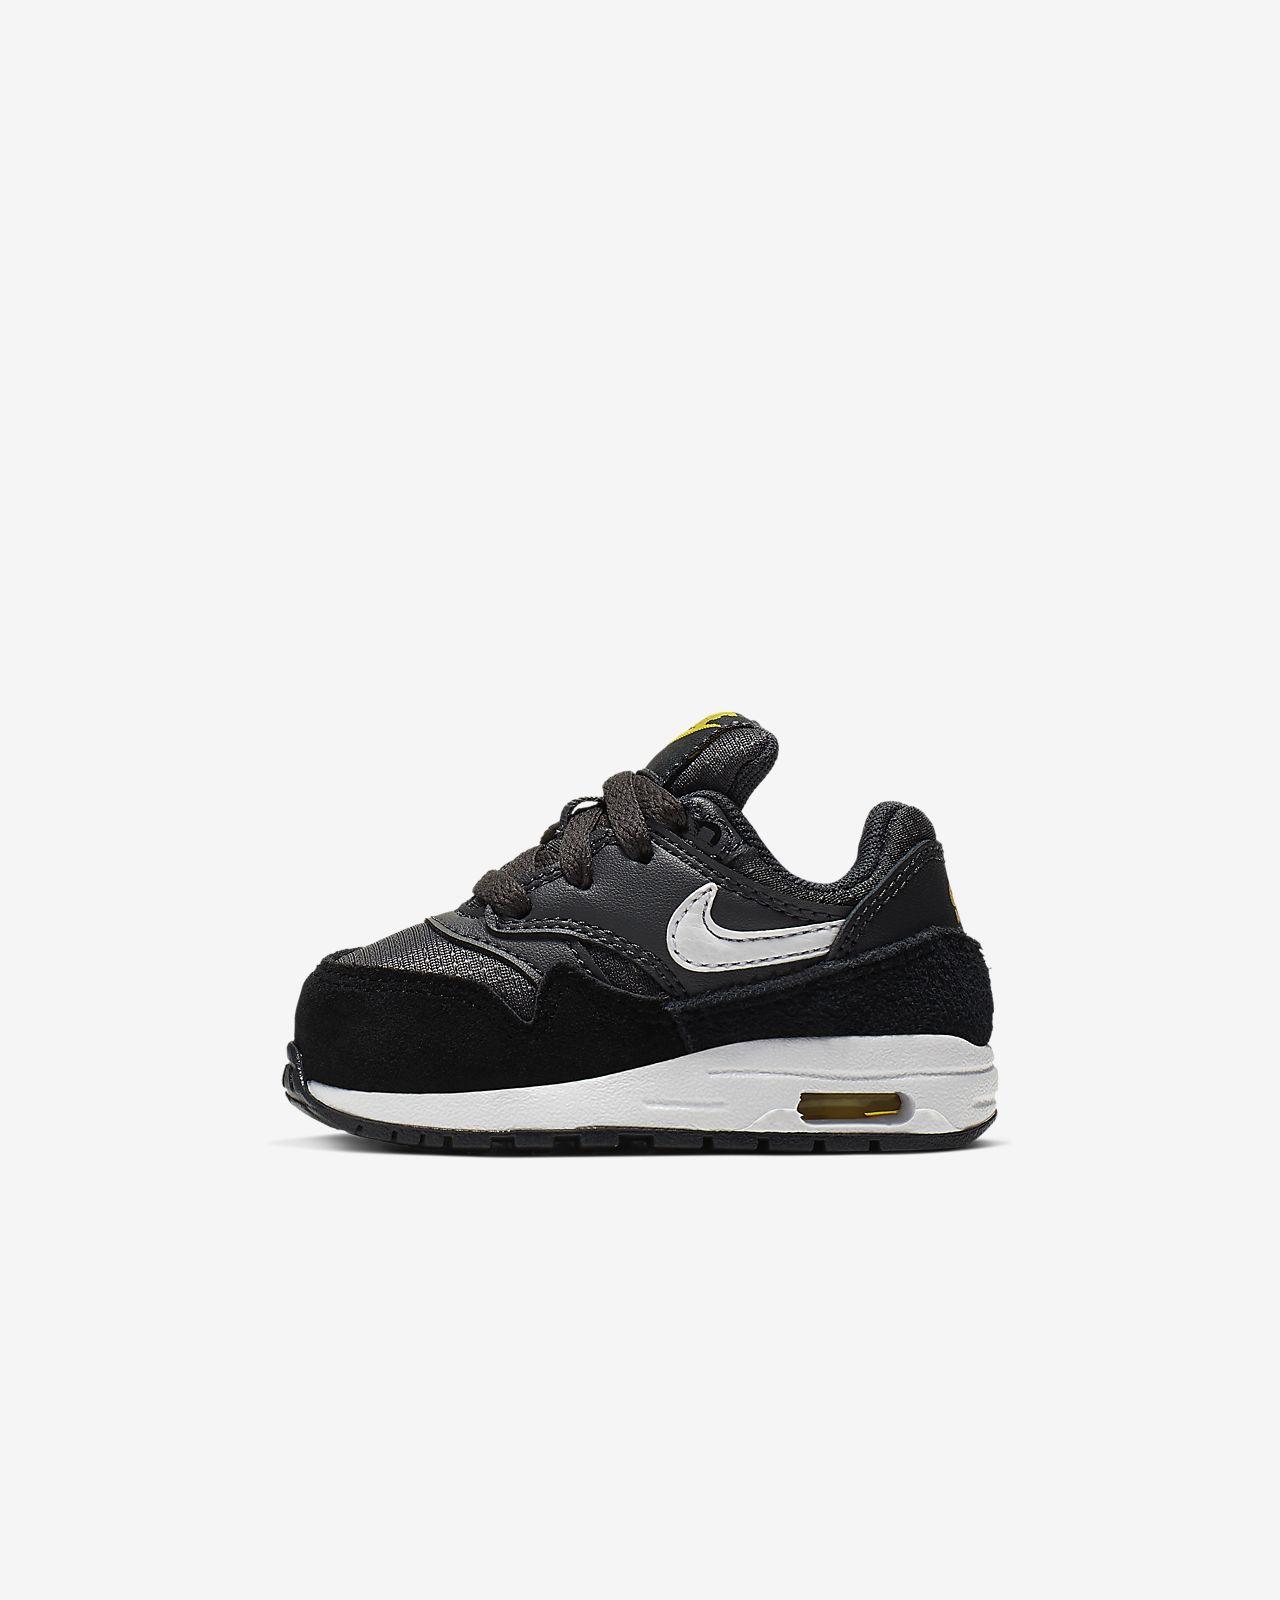 new product d24fd 6e36f ... Chaussure Nike Air Max 1 pour Bébé Petit enfant